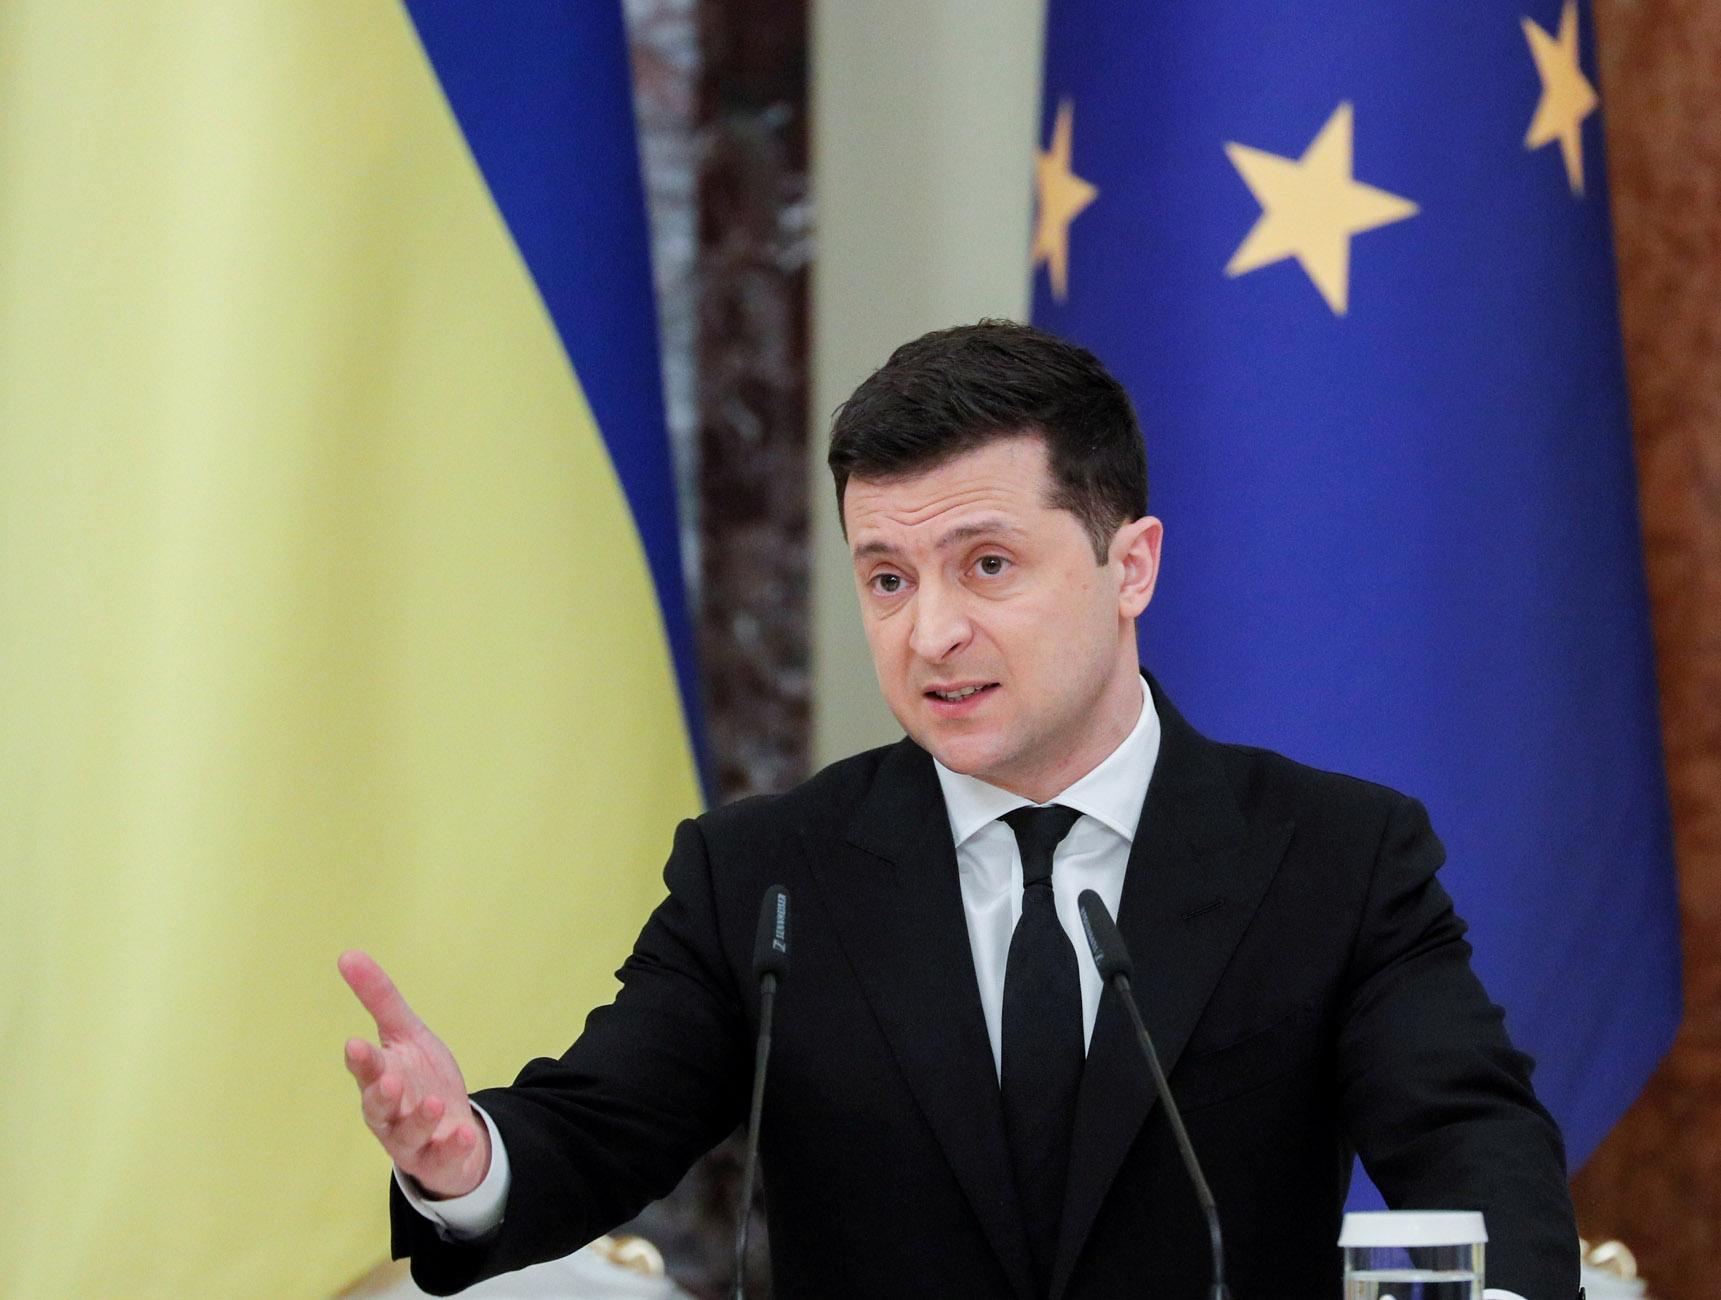 Ζελένσκι καλεί Πούτιν για συνομιλίες στην εμπόλεμη ζώνη στην Ουκρανία